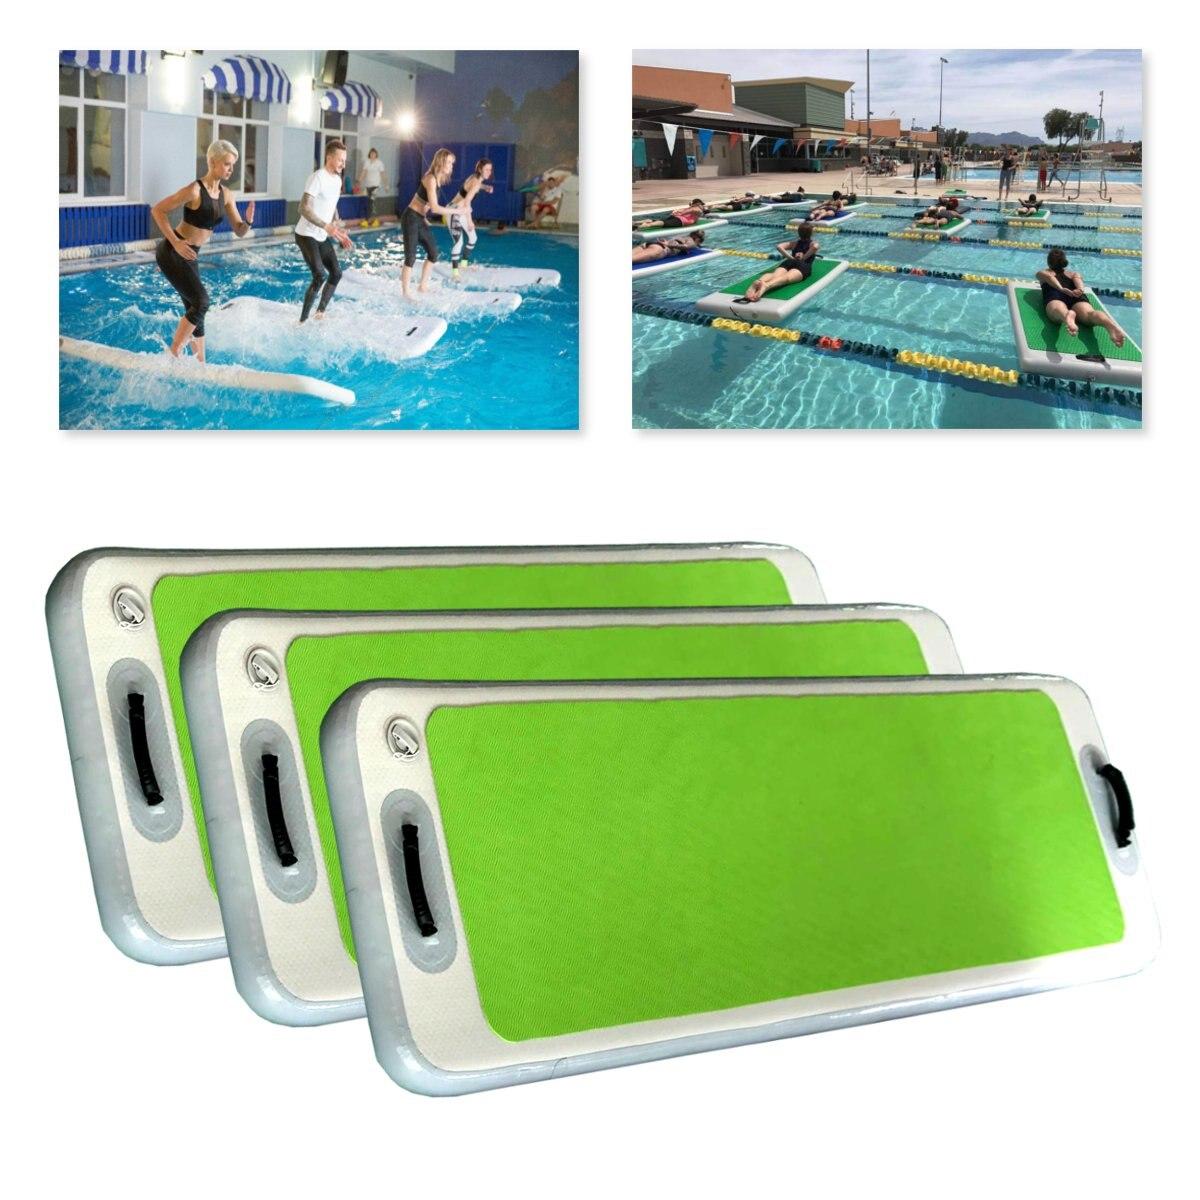 Tapis de Yoga flottant gonflable pistes de culbuteur d'air patins antidérapants pour gymnastique SUP Paddle Board pour Yoga de l'eau avec pompe à Air